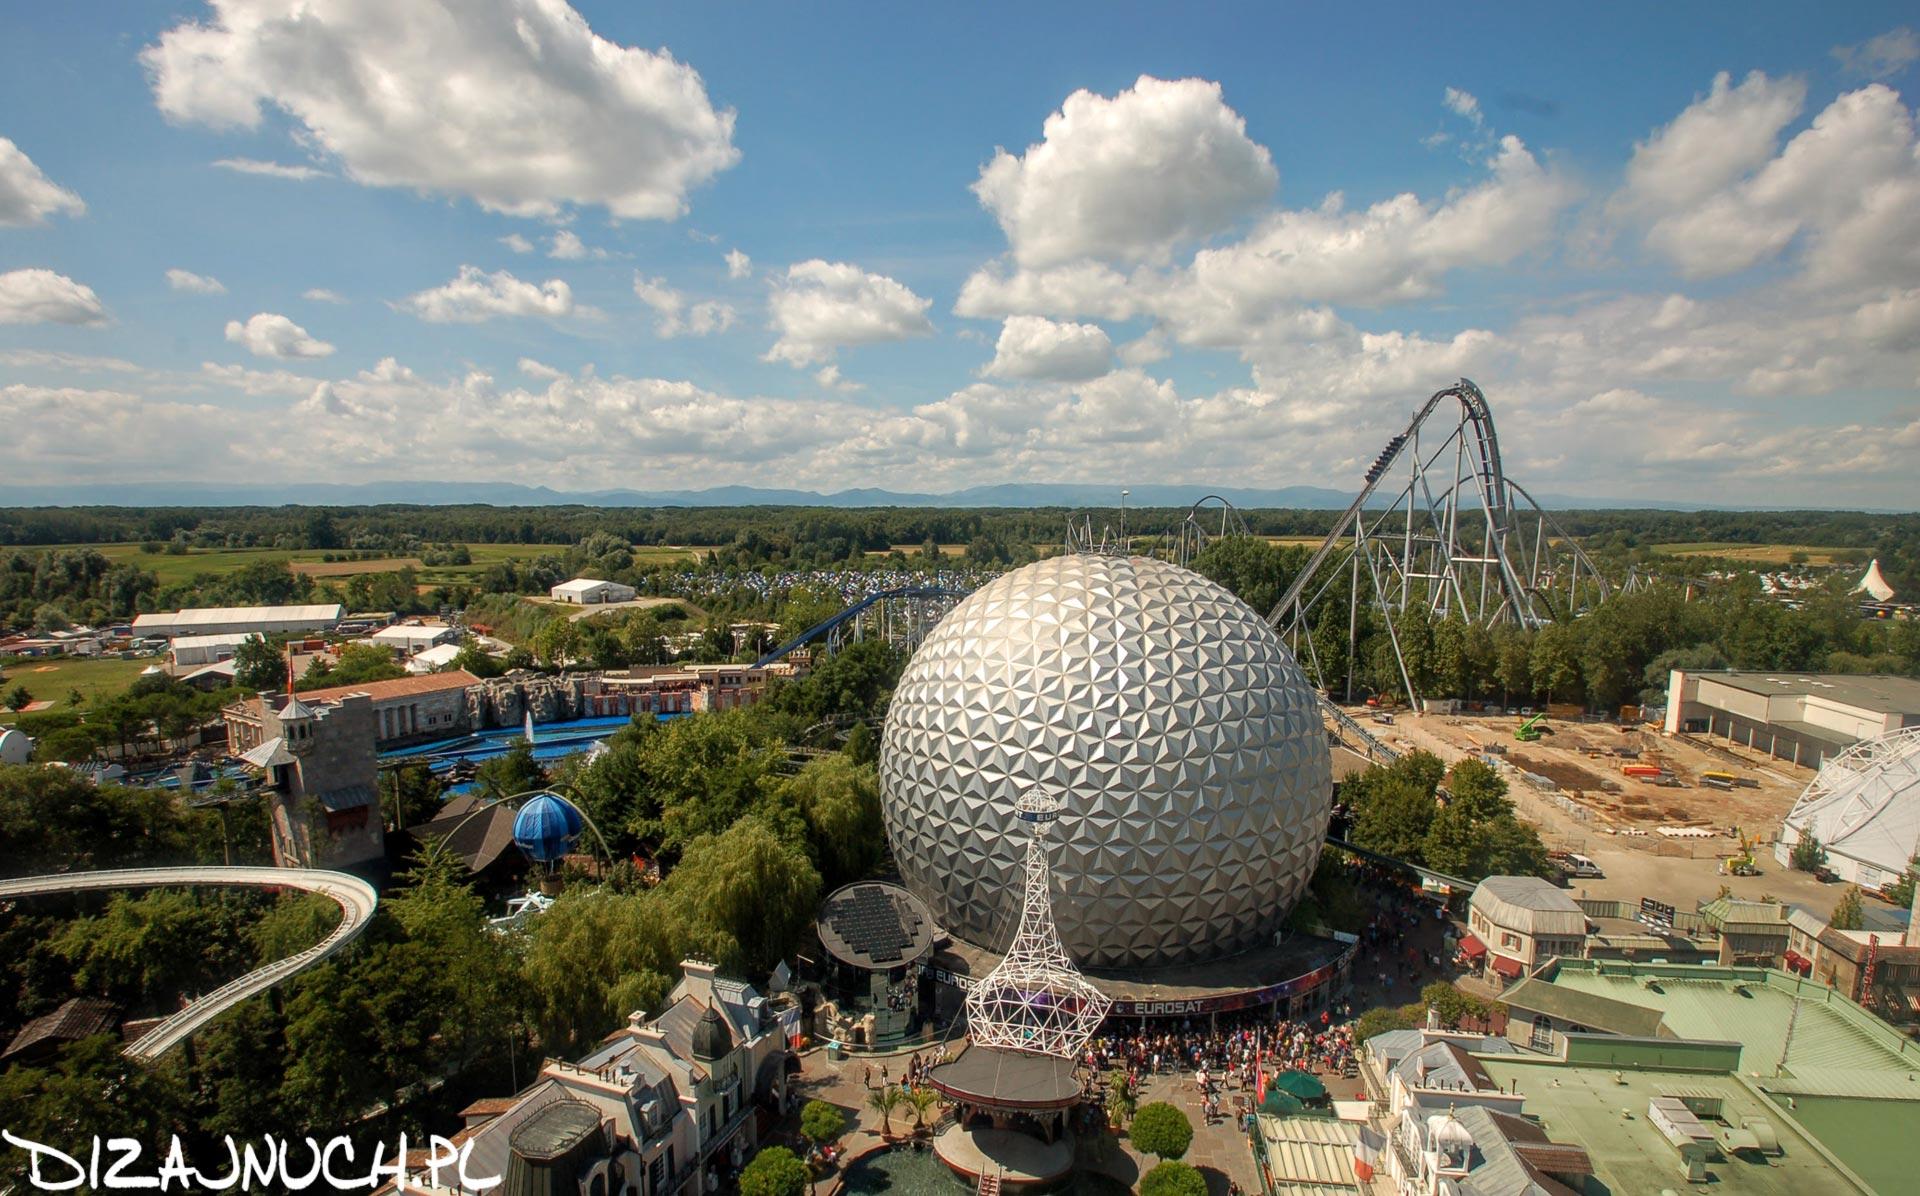 Prawie największy w Europie Park Rozrywki - adrenalina w pakiecie!